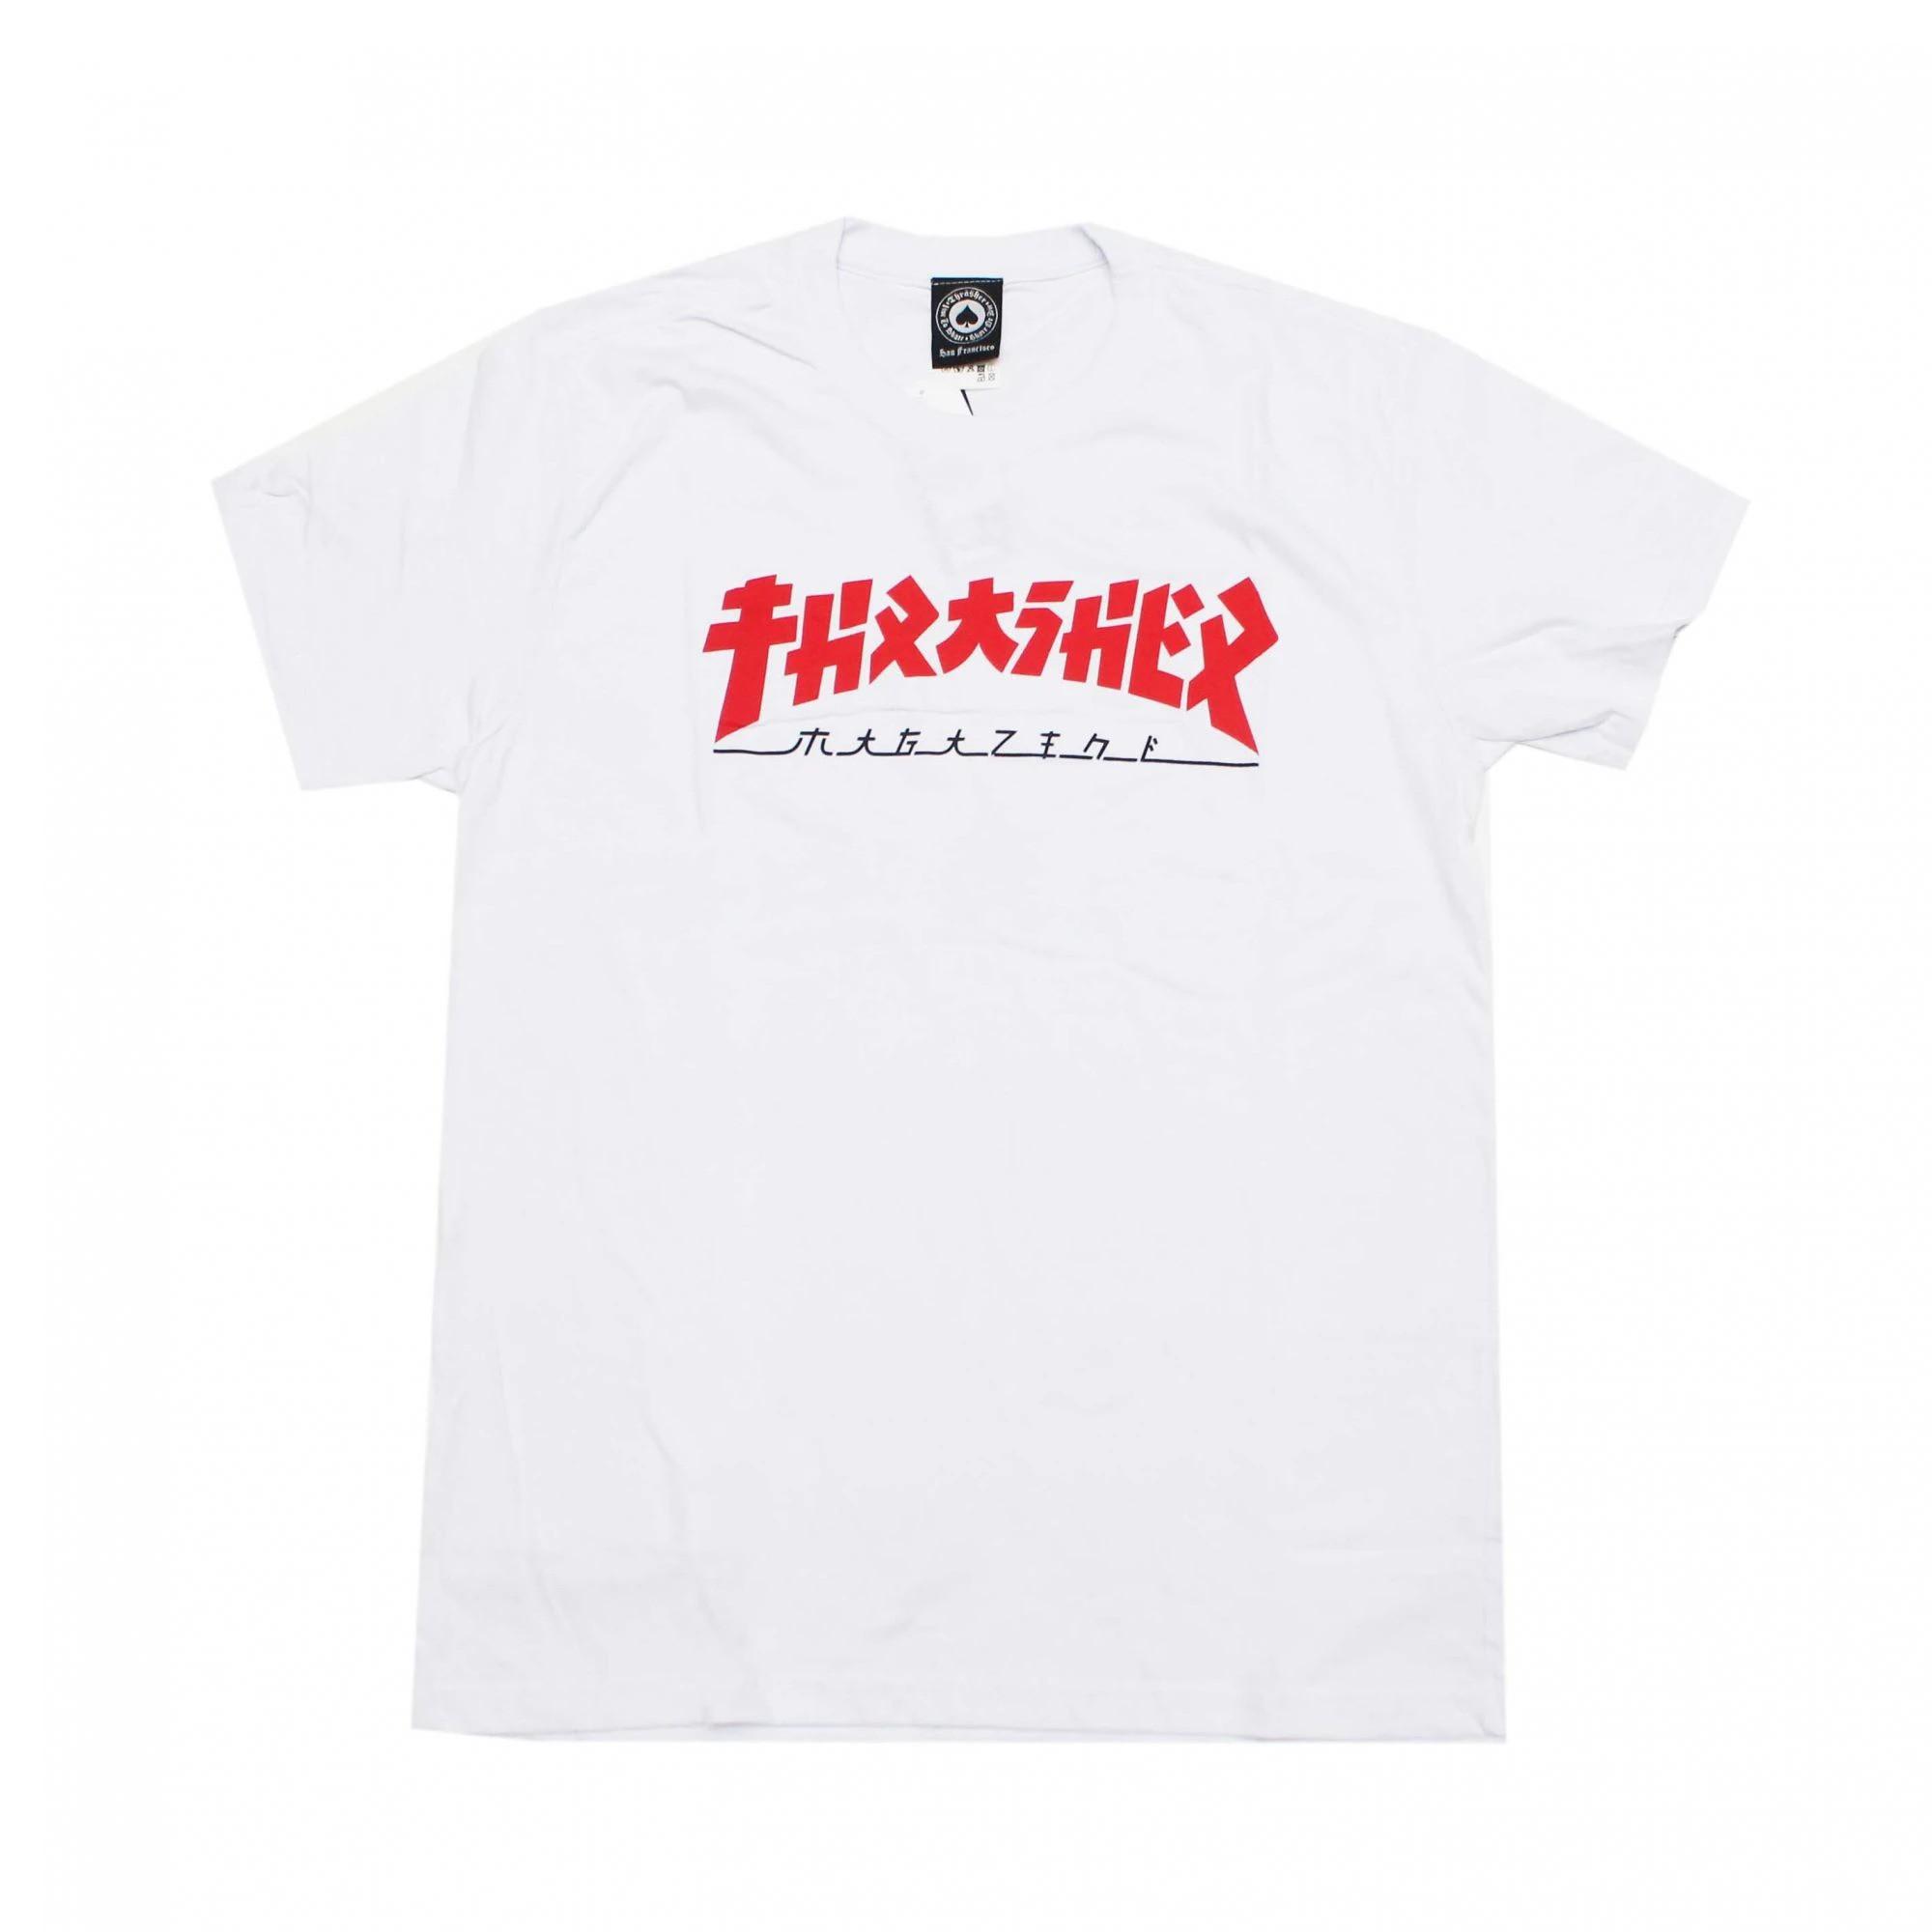 Camiseta Thrasher Godzilla White